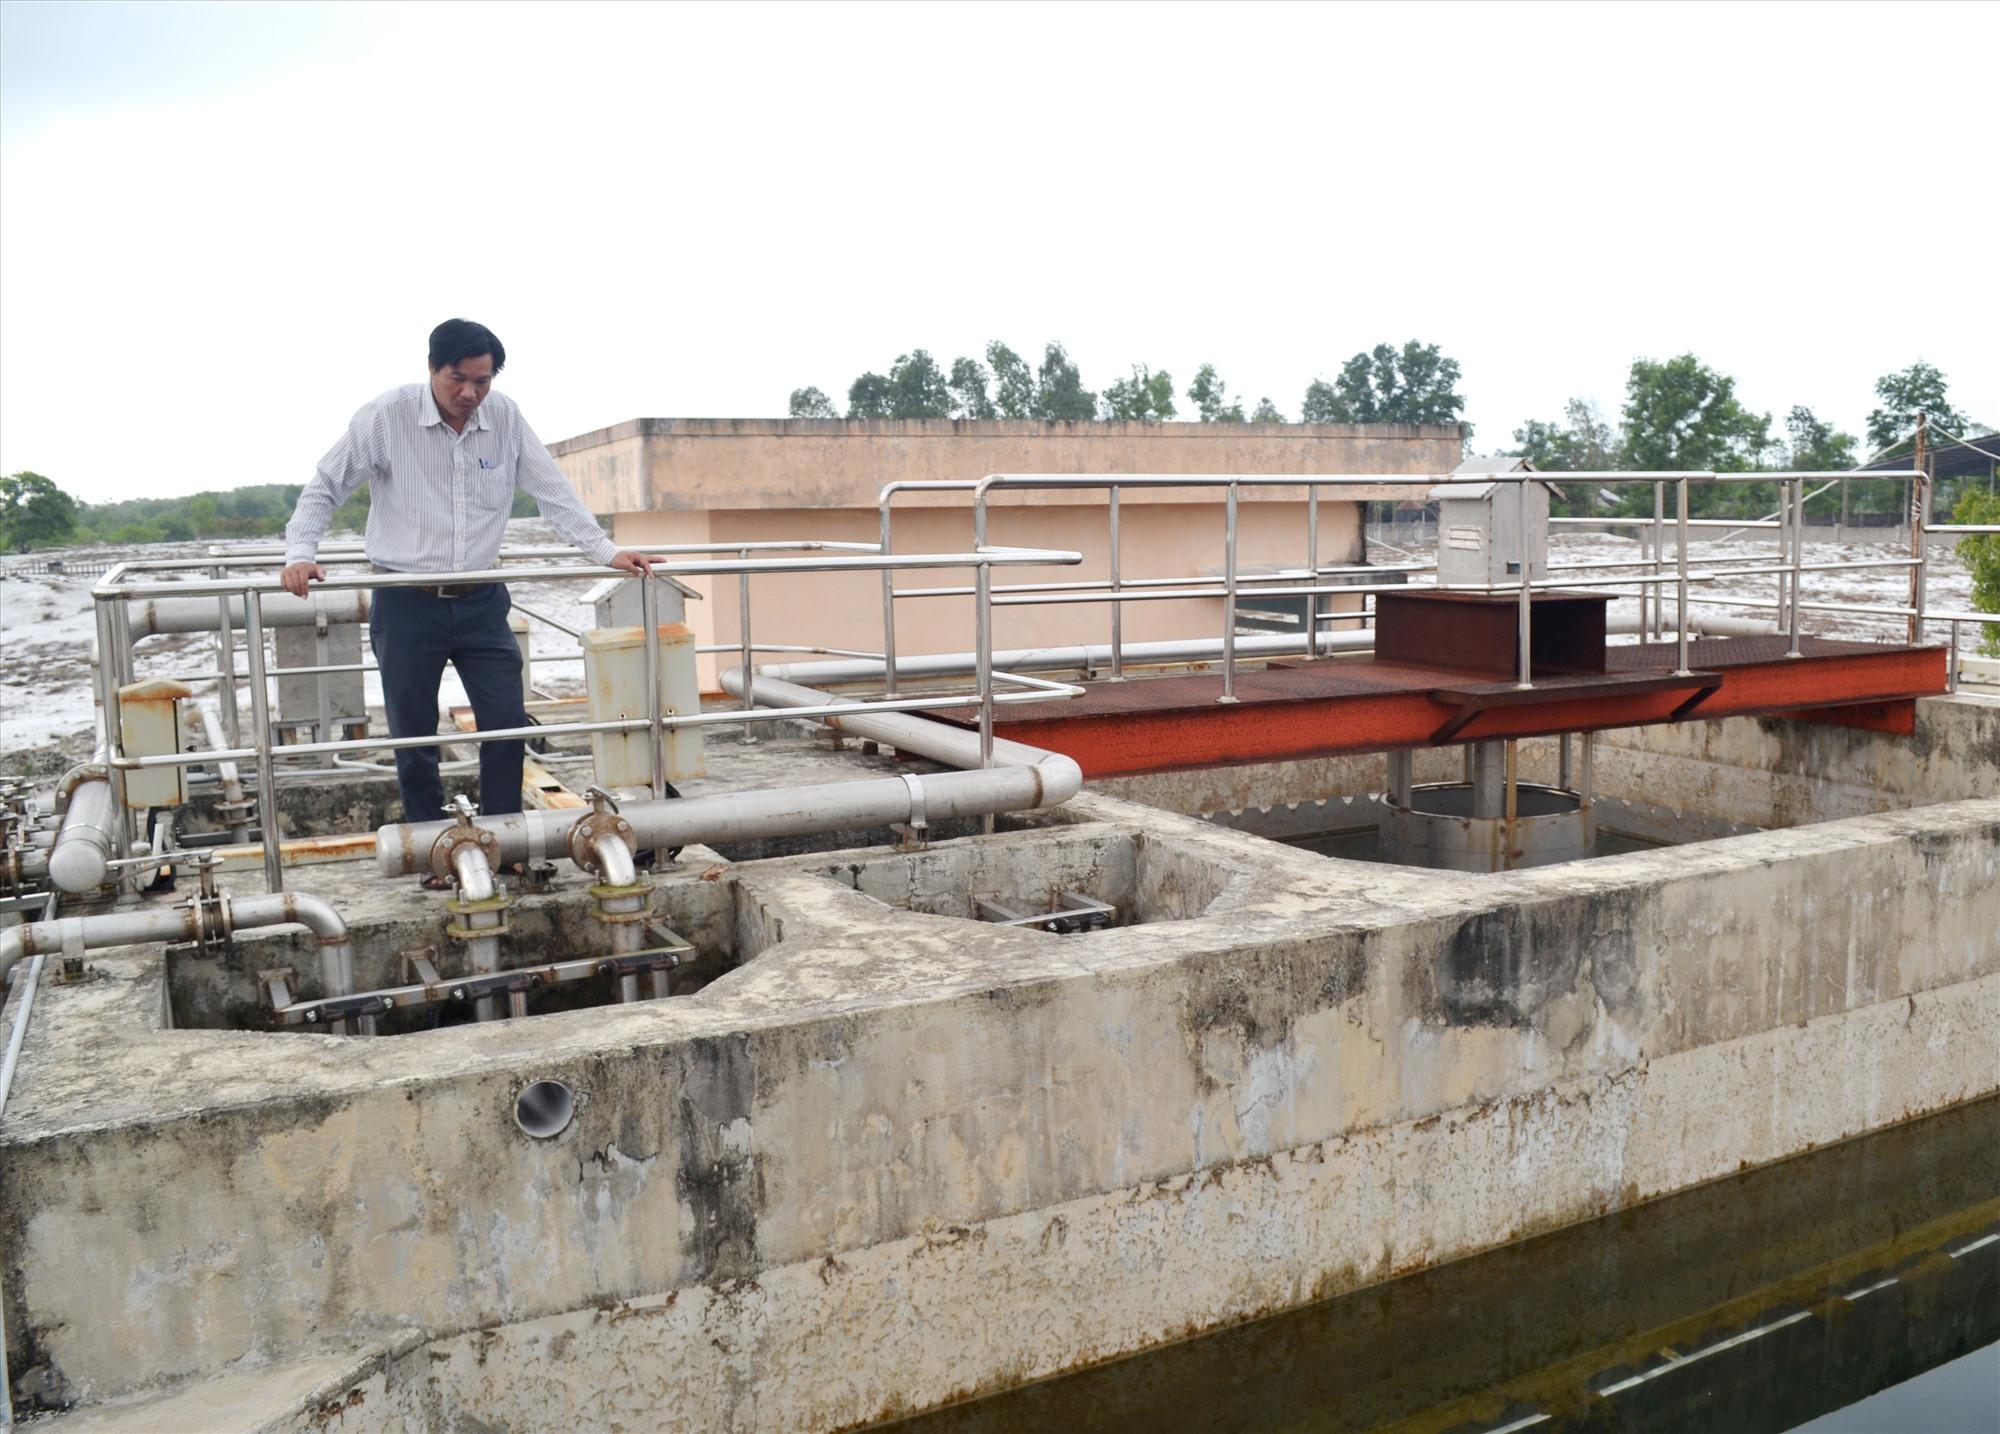 Sở Công Thương đang tham mưu UBND tỉnh xây dựng dự thảo cơ chế đầu tư, phát triển CCN, trong đó chính sách hỗ trợ đầu tư hạ tầng, nhất là đầu tư hệ thống xử lý nước thải, sẽ được cân nhắc phù hợp với thực tế từng CCN. Ảnh: VIỆT NGUYỄN